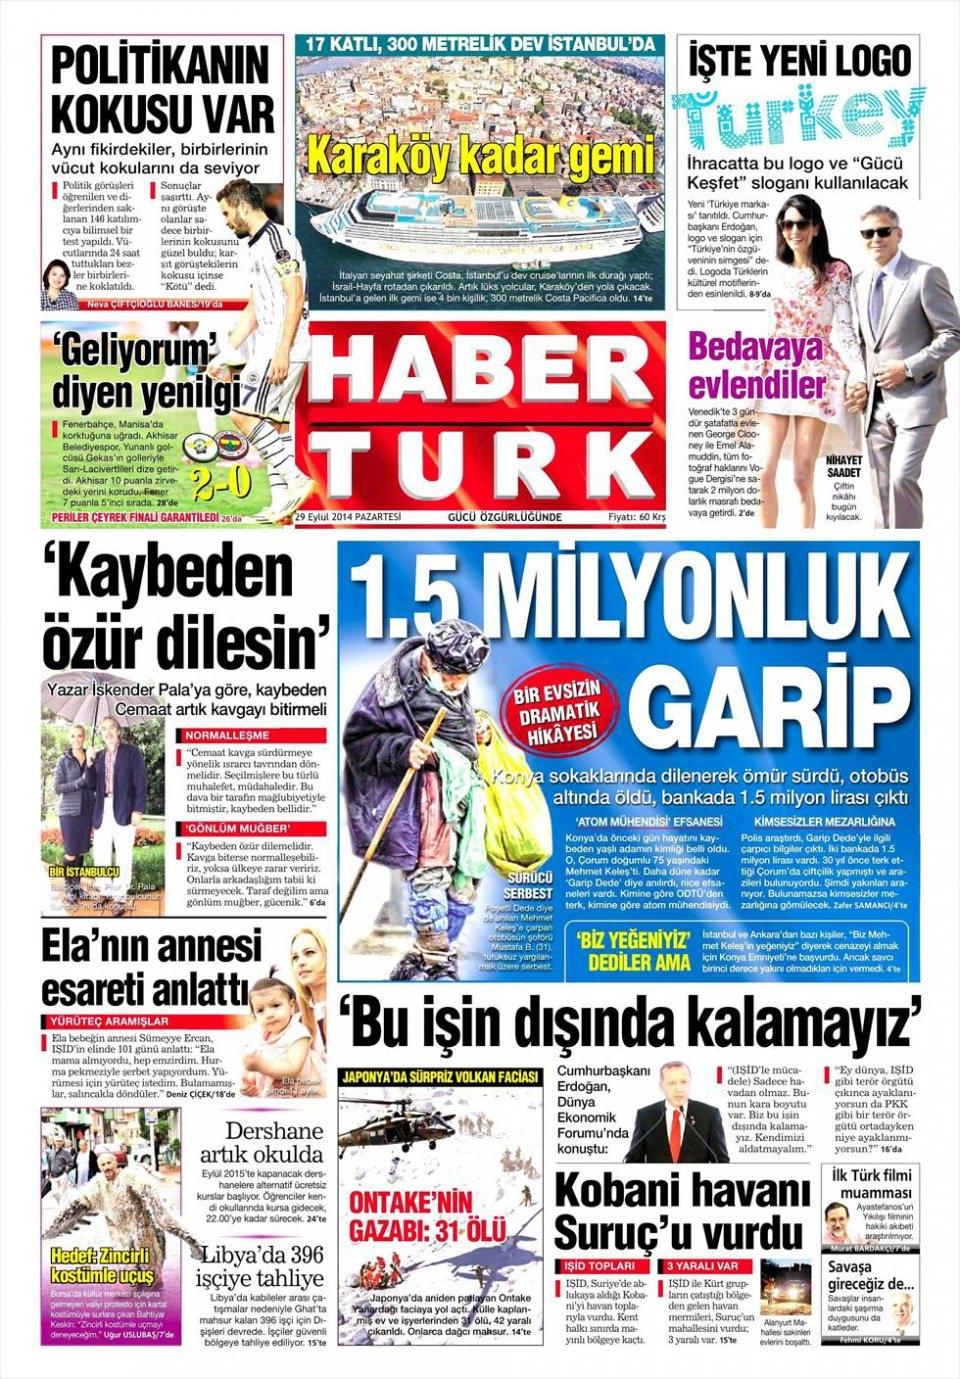 29 Eylül 2014 gazete manşetleri 10